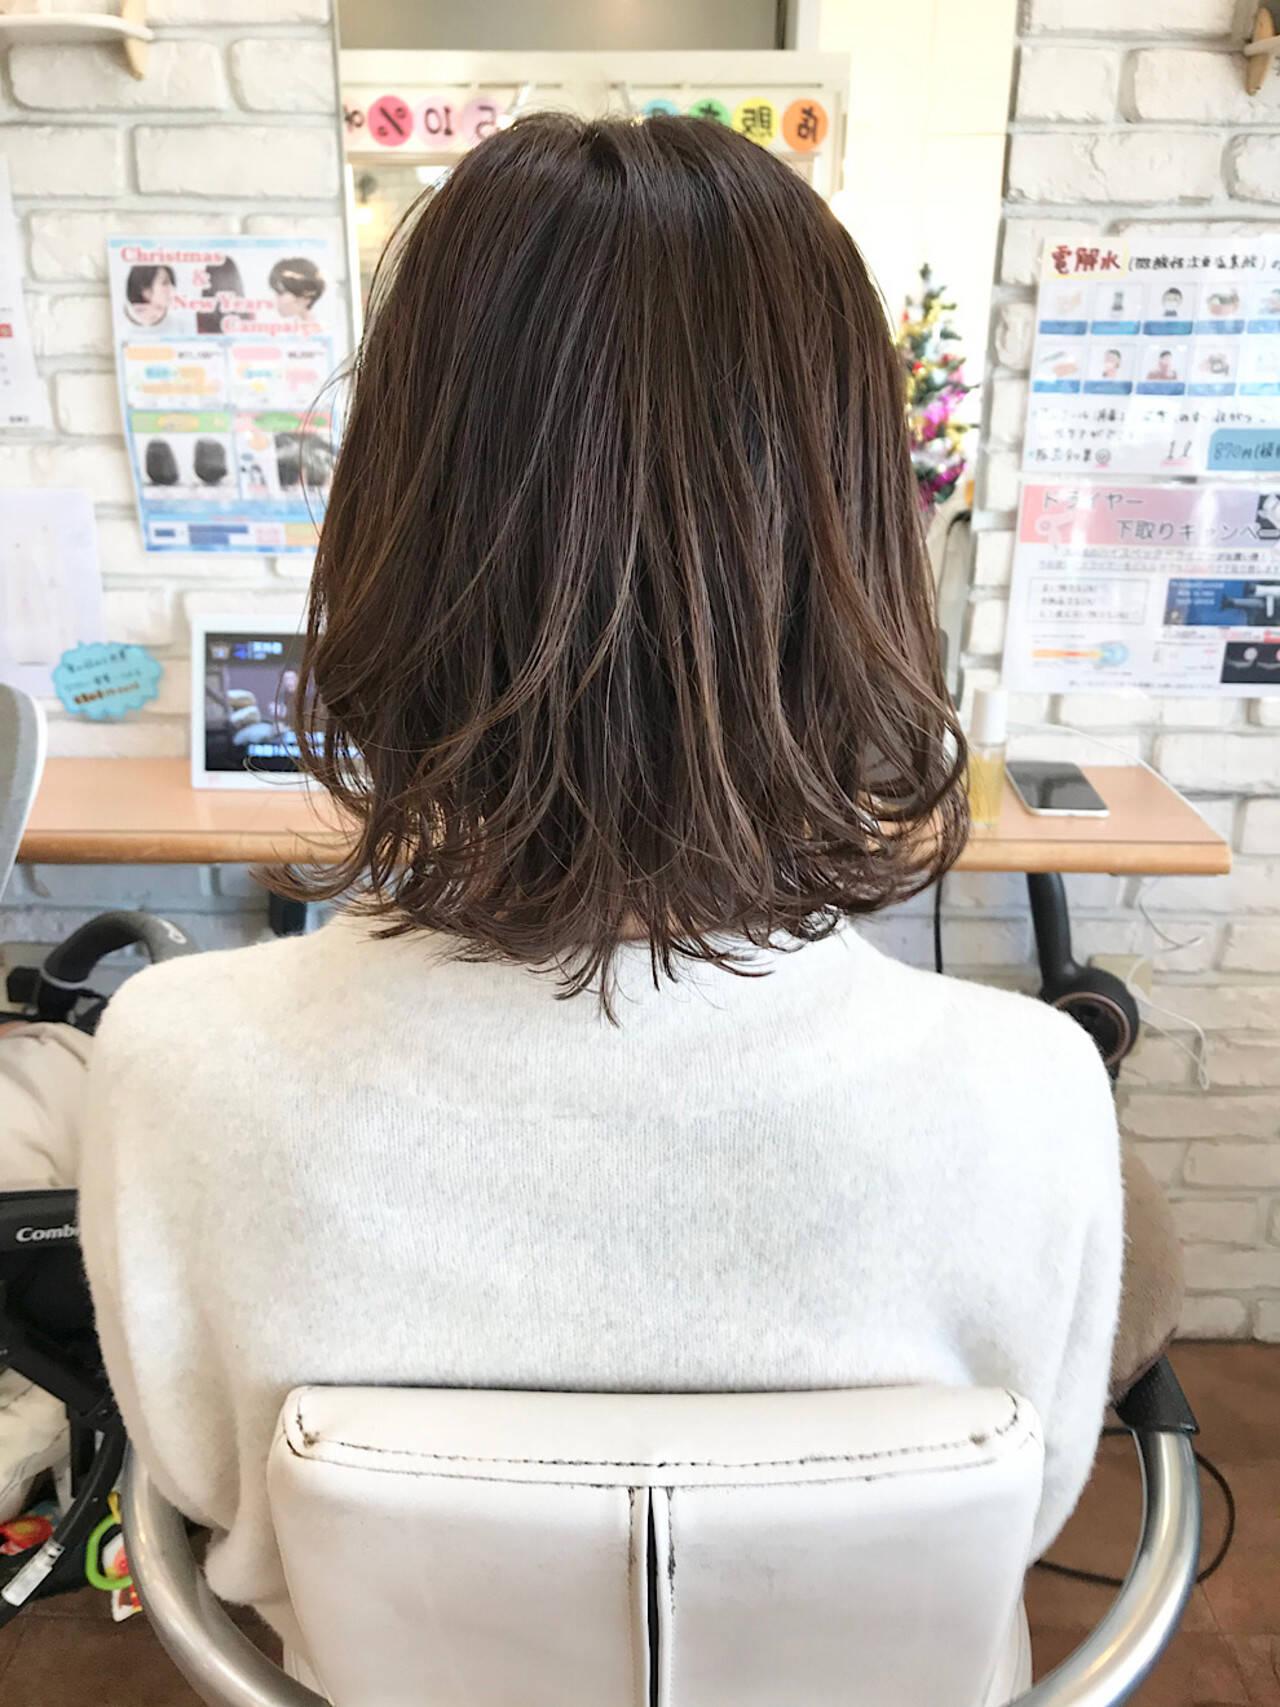 透明感カラー ボブ 3Dハイライト 外ハネボブヘアスタイルや髪型の写真・画像